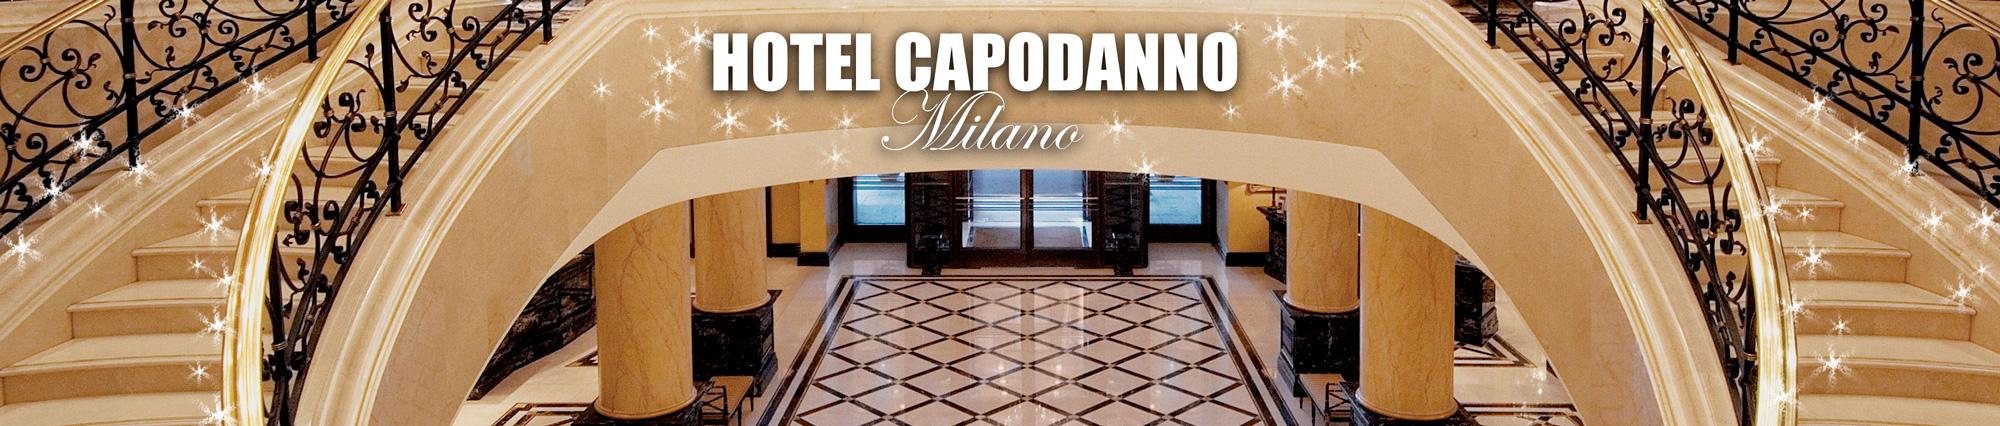 Hotel Capodanno Milano